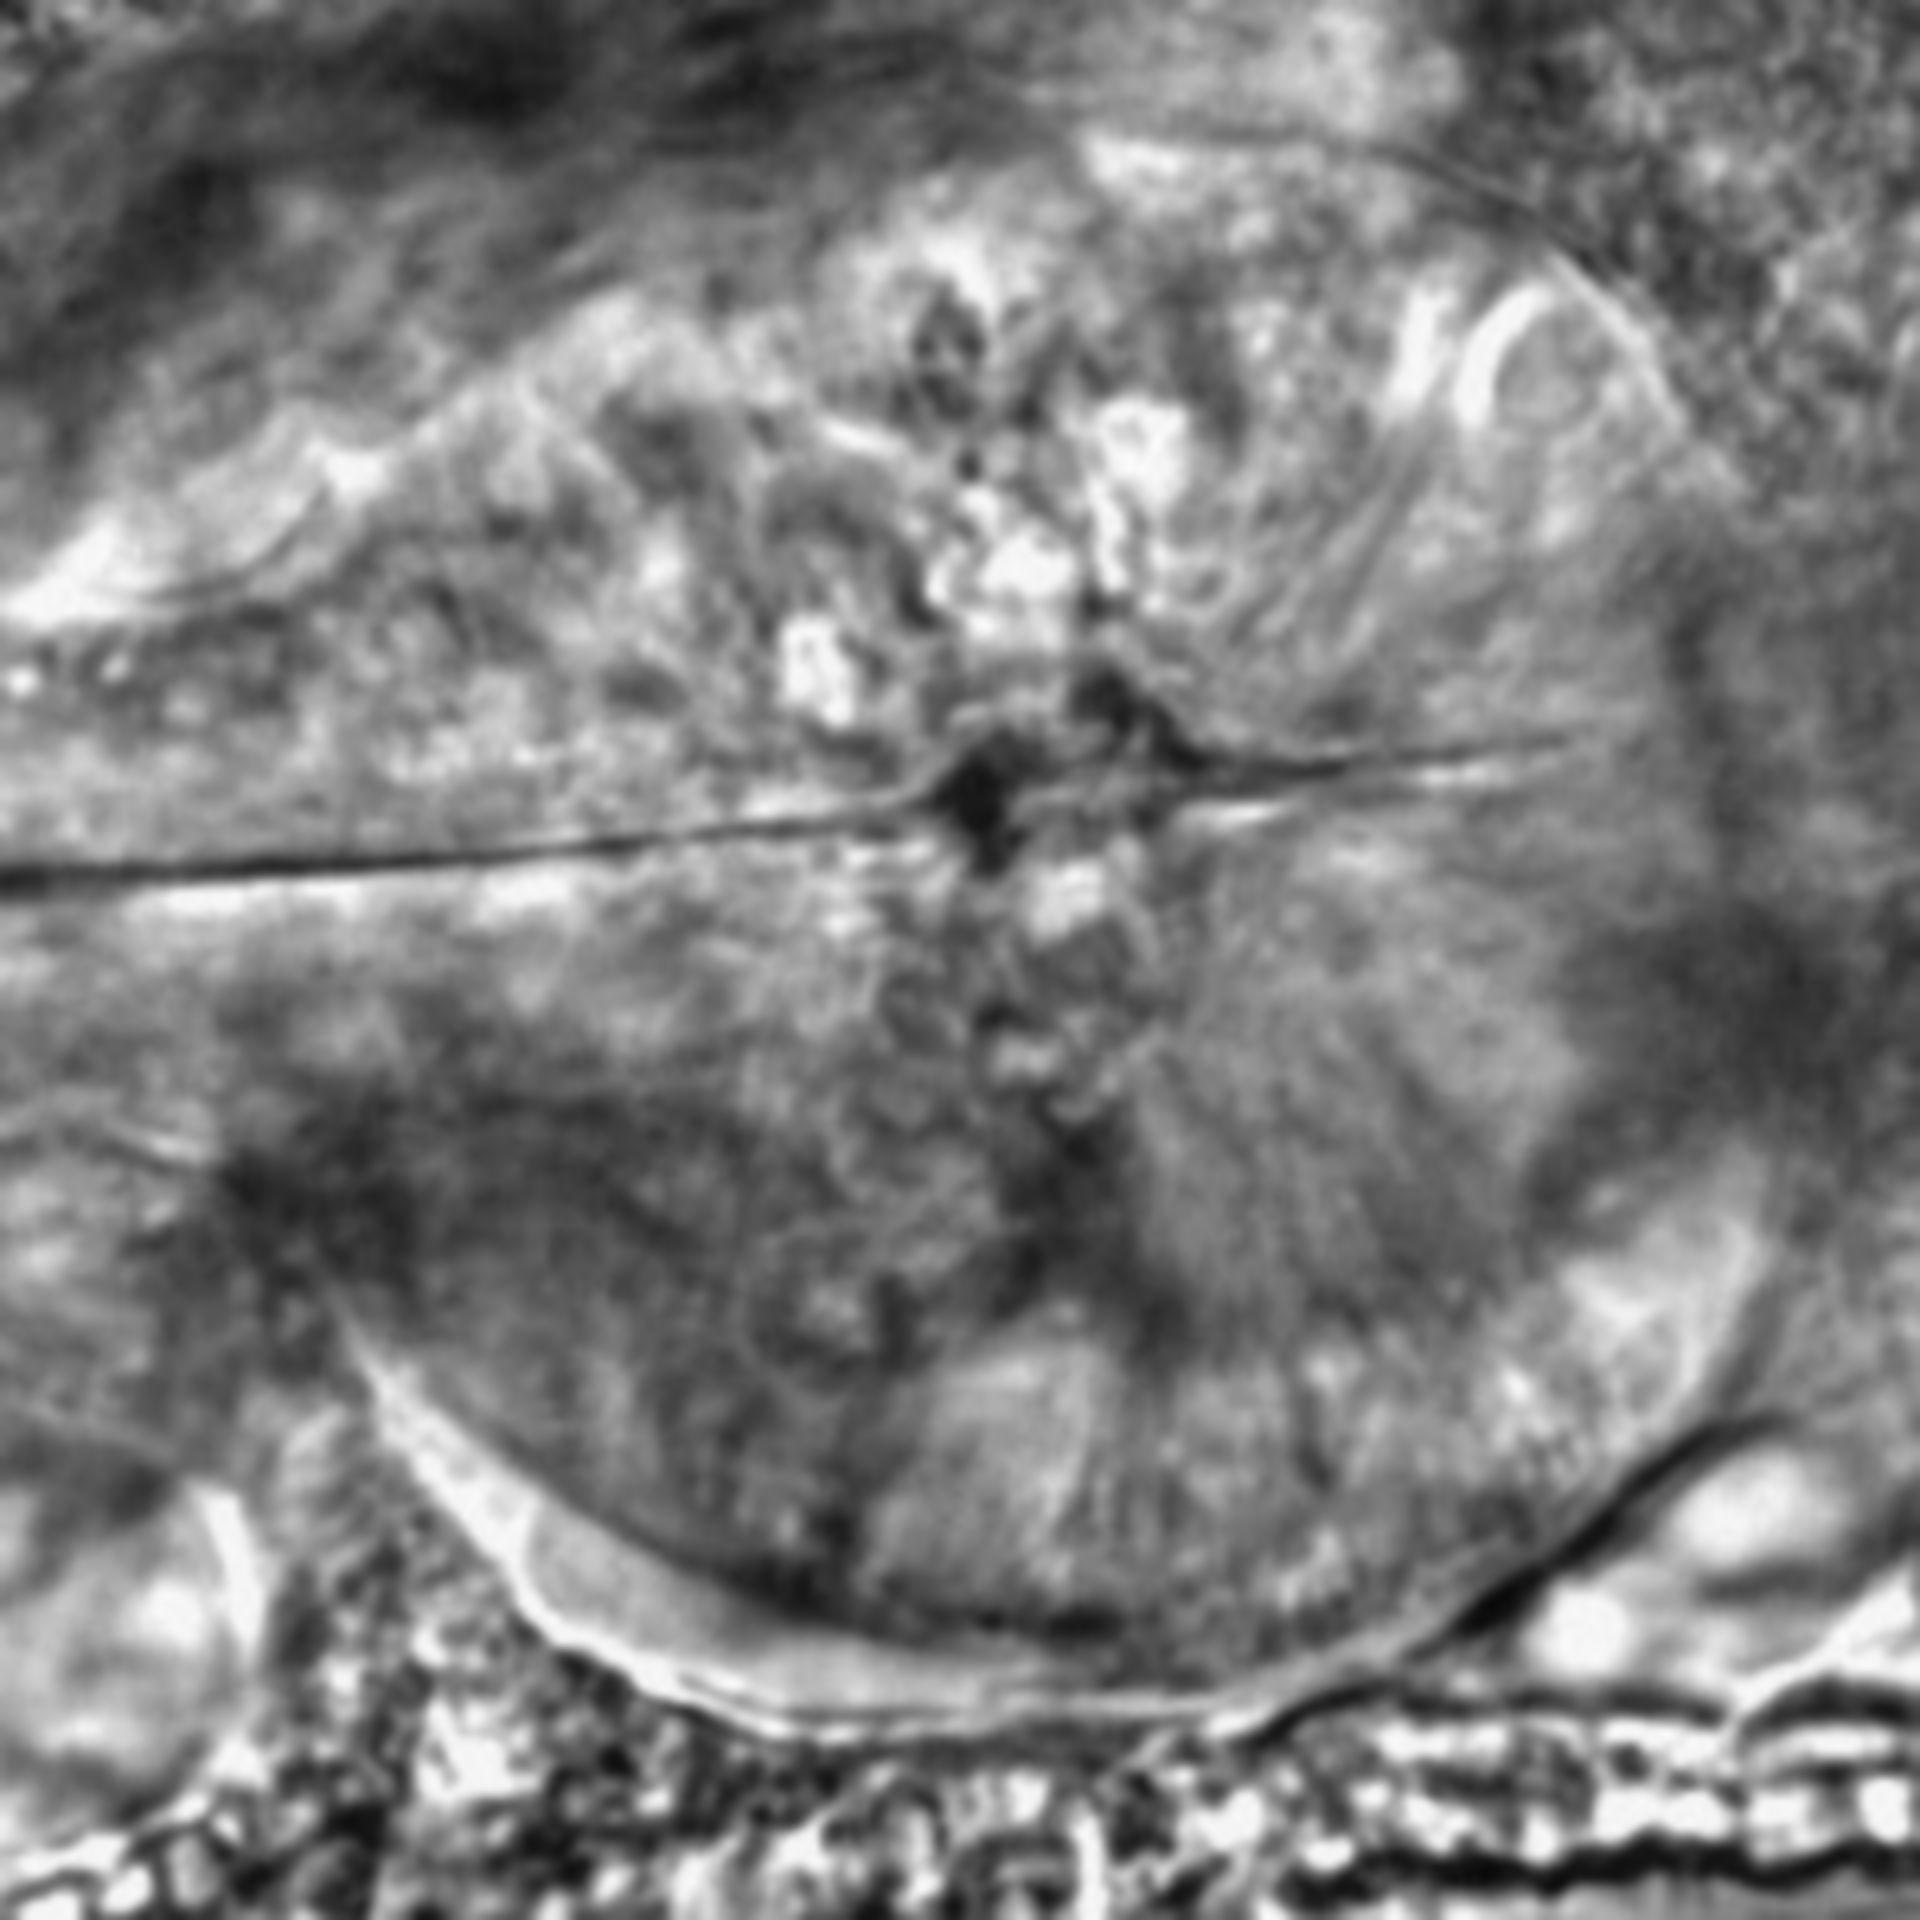 Caenorhabditis elegans - CIL:2548